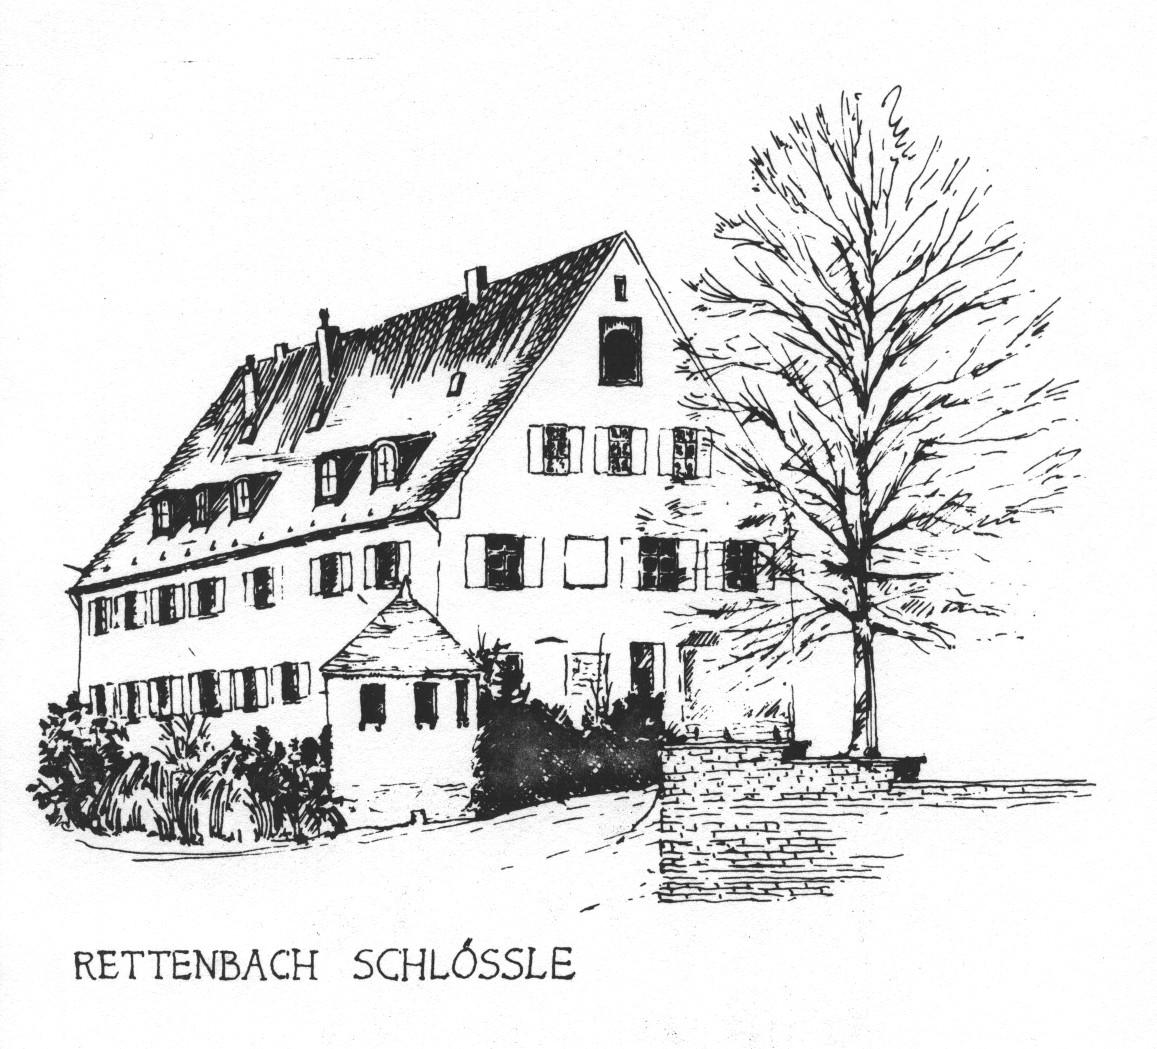 Bild vom Rettenbacher Schlössle